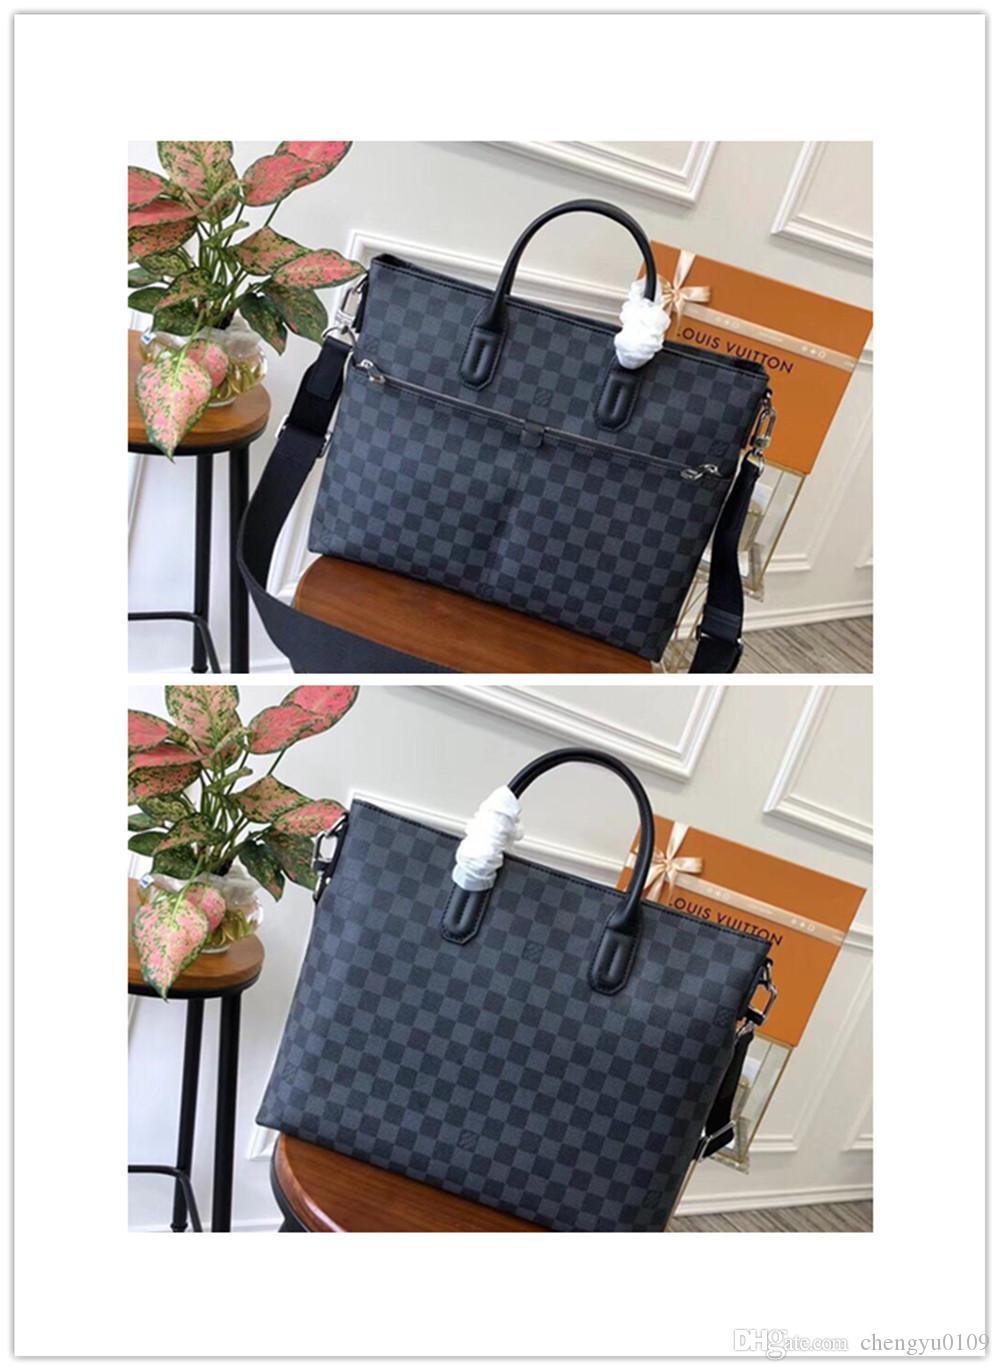 2020 derniers sacs #g de la mode, les hommes et les femmes de sacs à bandoulière, sacs à main, sacs à dos, sacs crossbody, sacs taille pack.wallet.Fanny de qualité supérieure 114